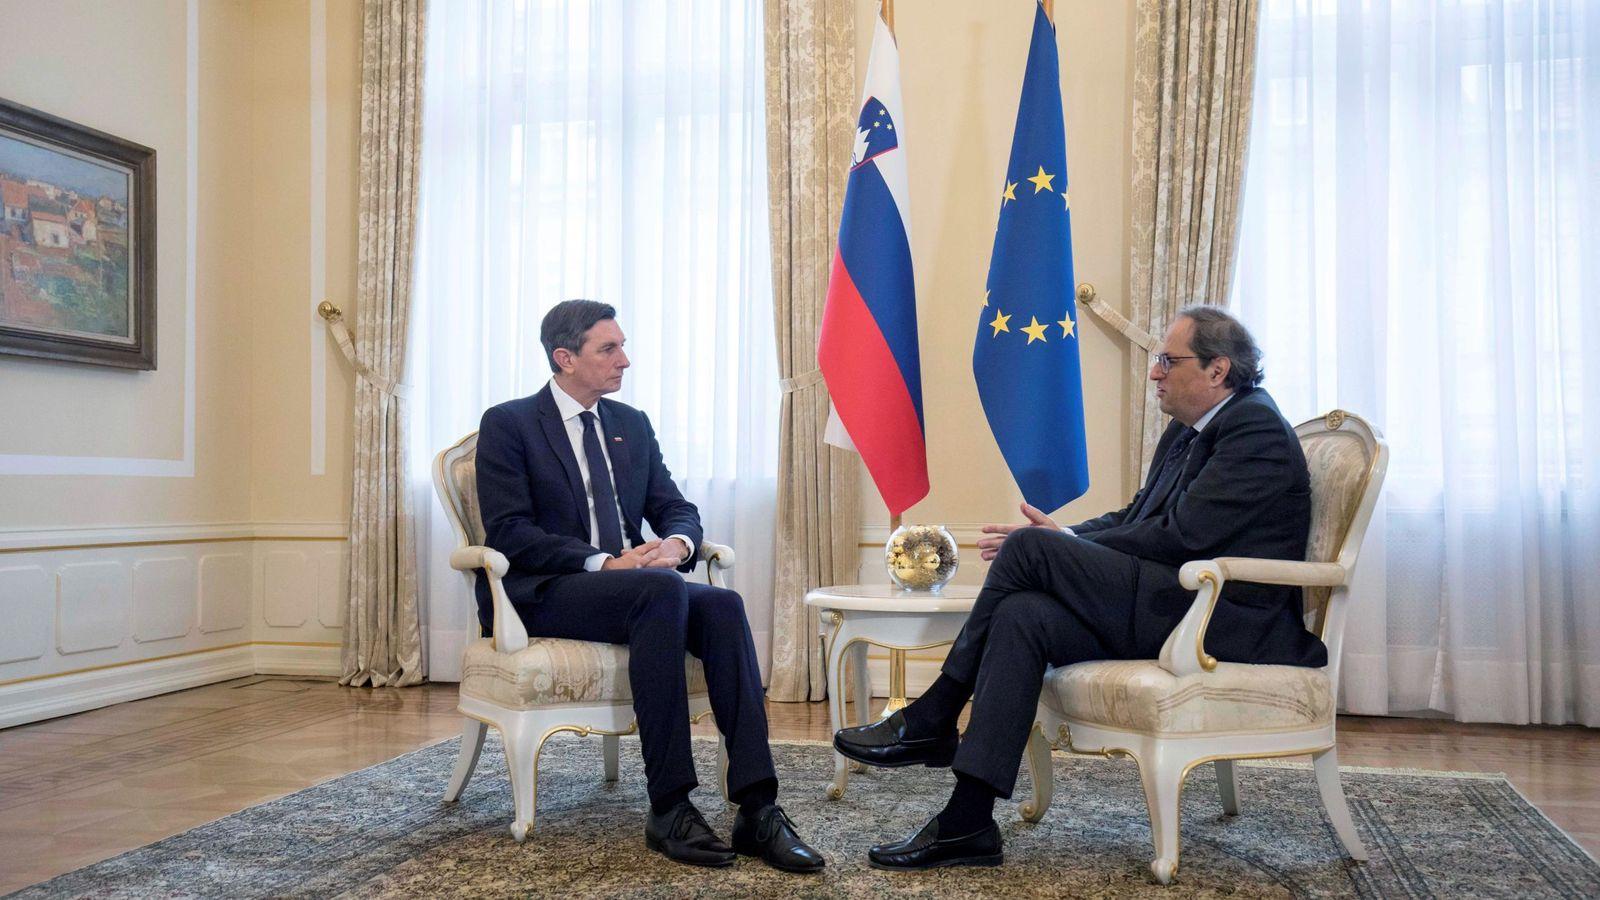 Foto: El presidente de la Generalitat, Quim Torra,durante la reunión con el presidente de Eslovenia, Borut Pahor. (EFE)